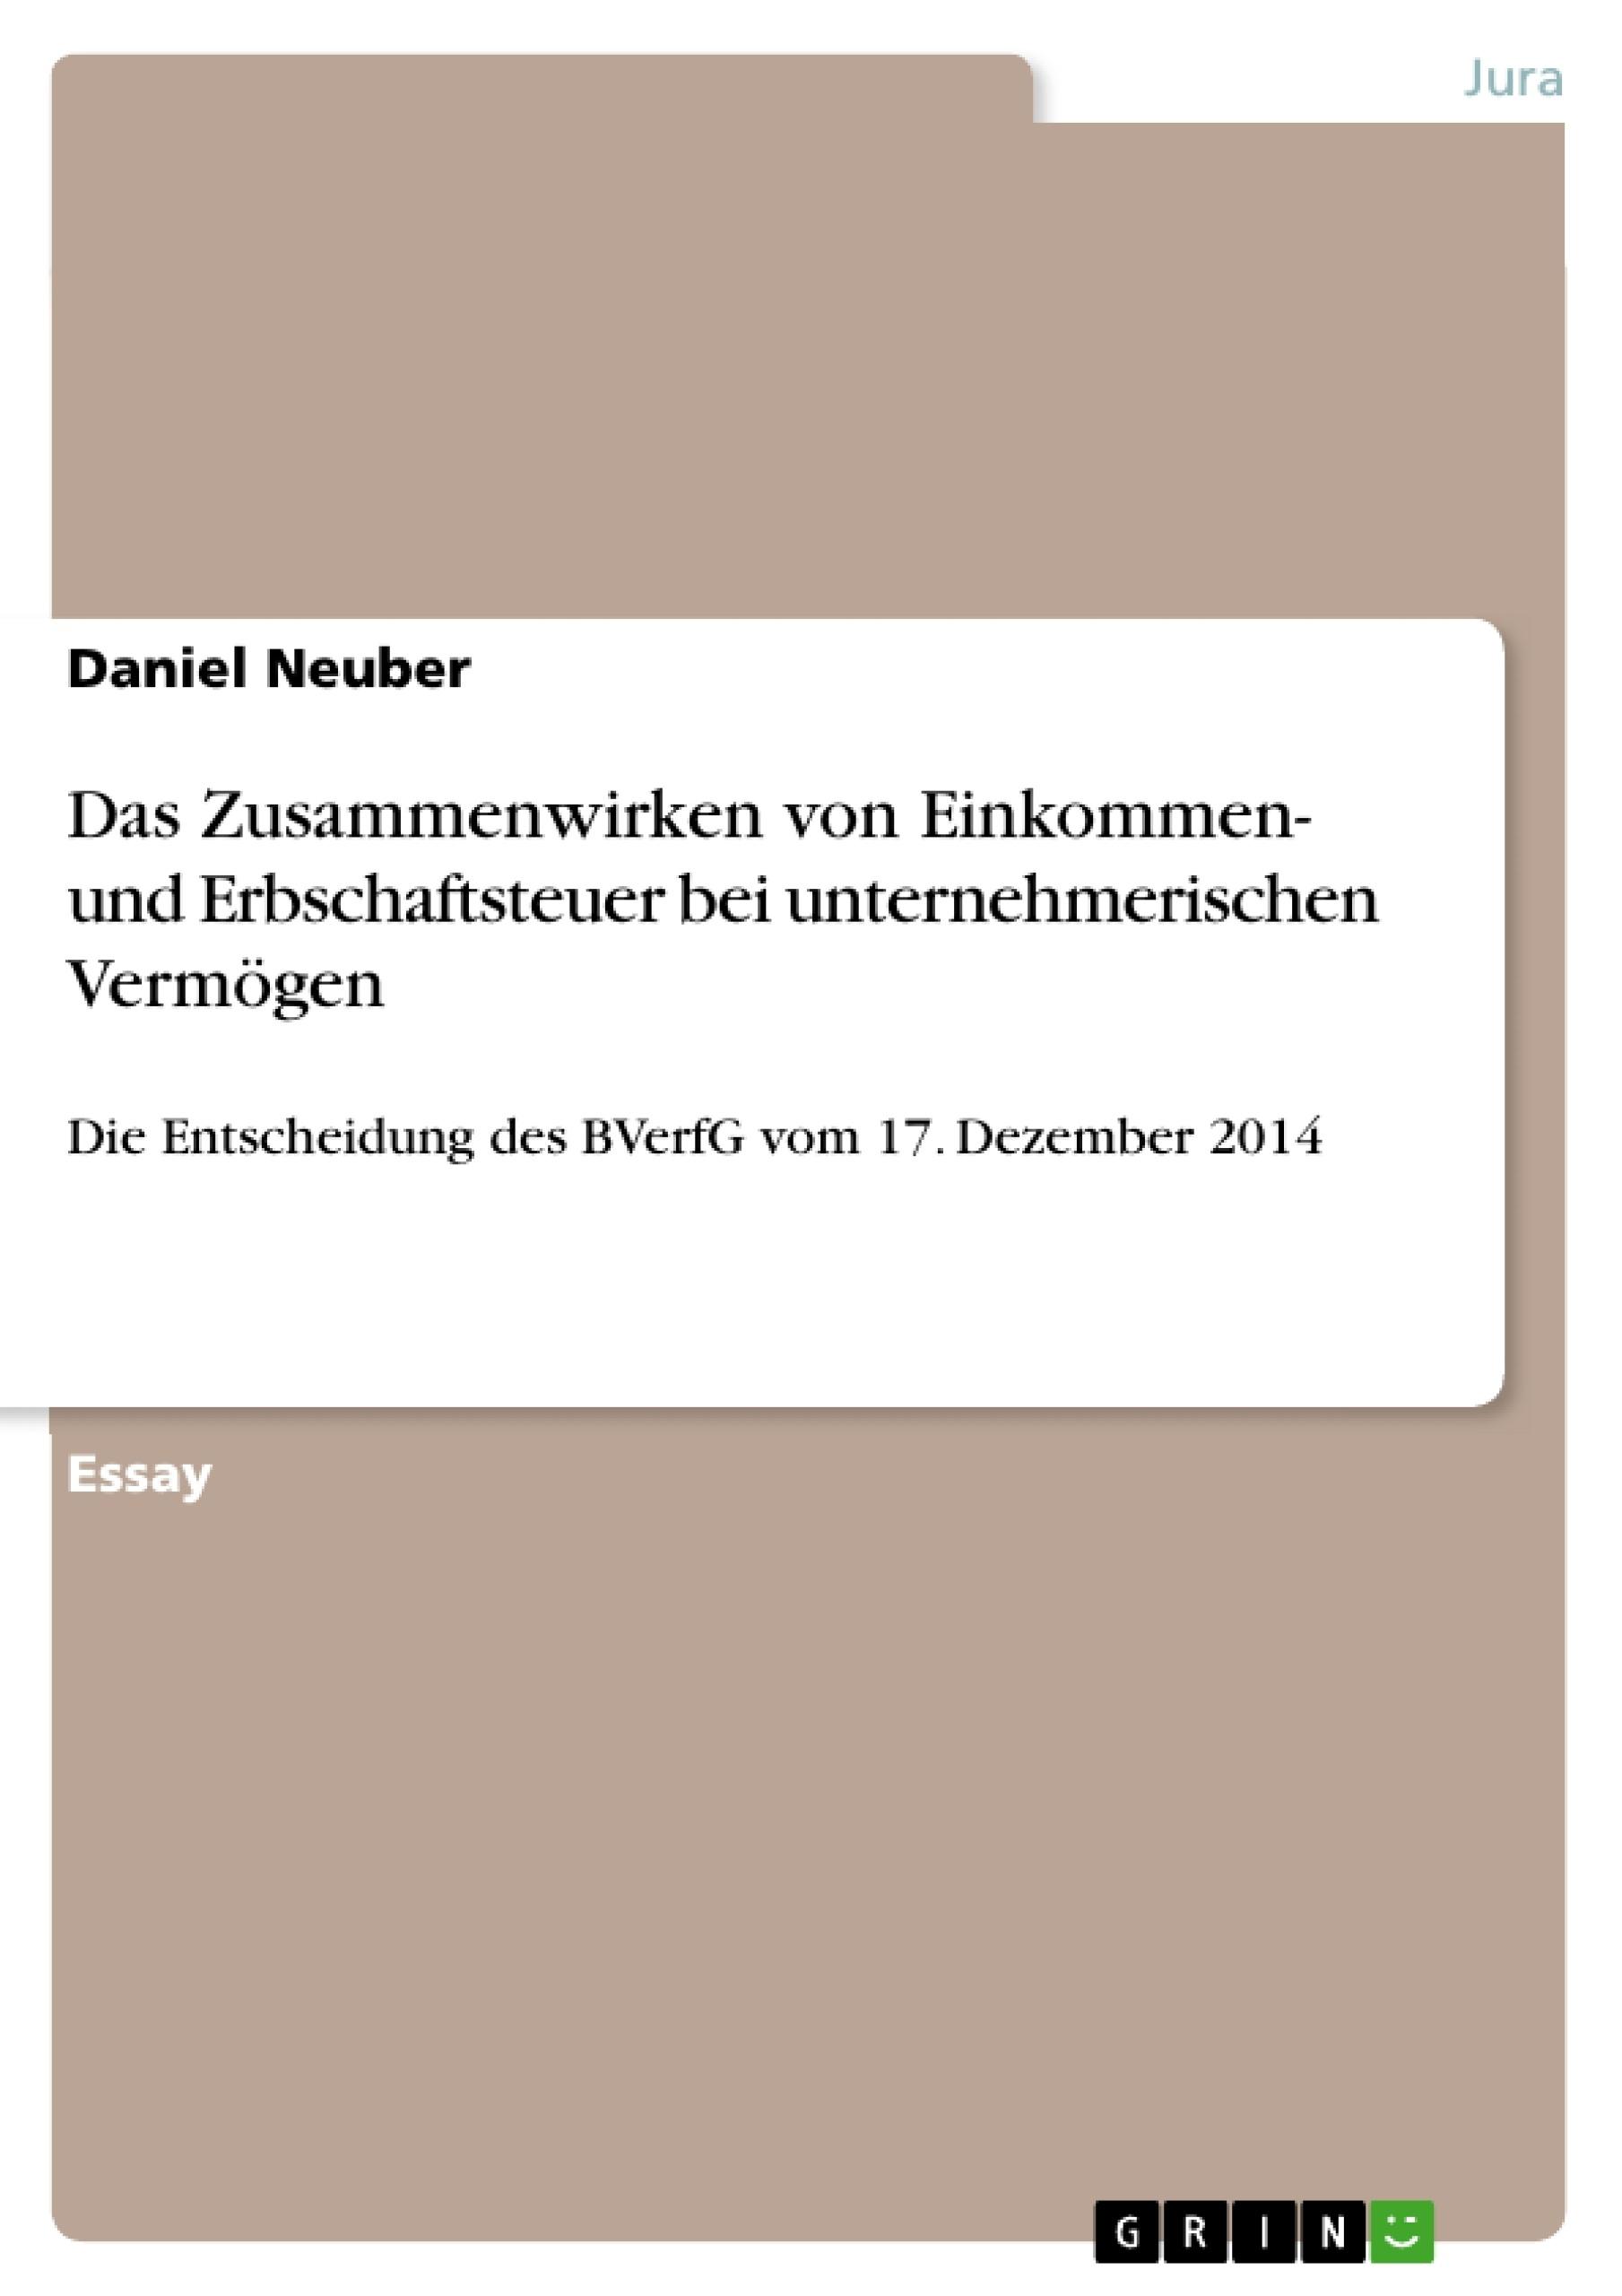 Titel: Das Zusammenwirken von Einkommen- und Erbschaftsteuer bei unternehmerischen Vermögen